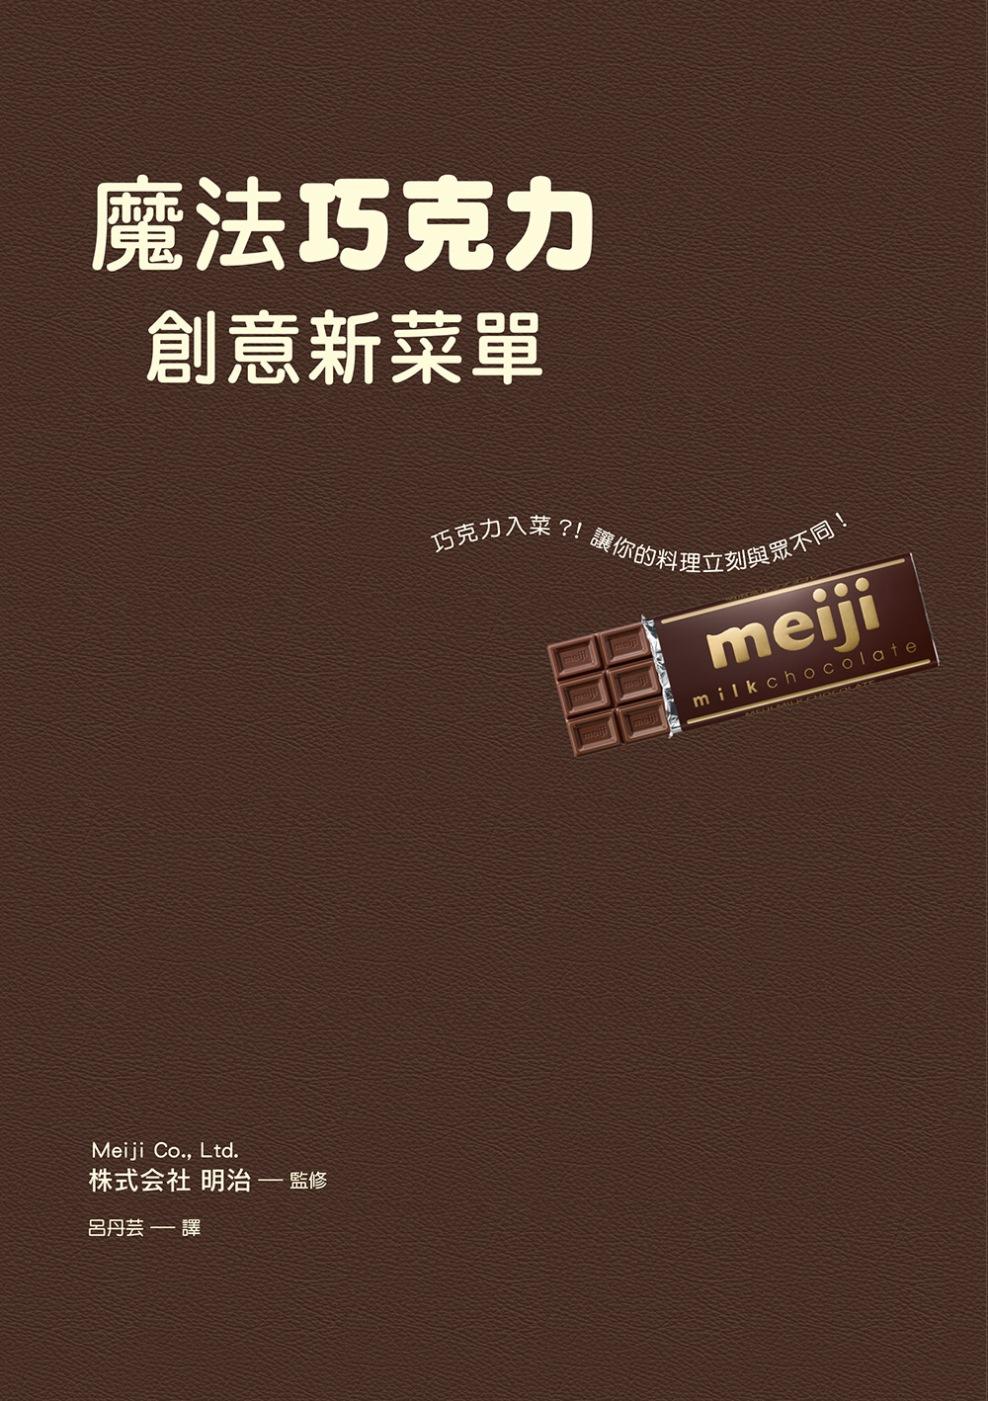 魔法巧克力創意新菜單:不只是甜點,更是主菜的完美調味★☆